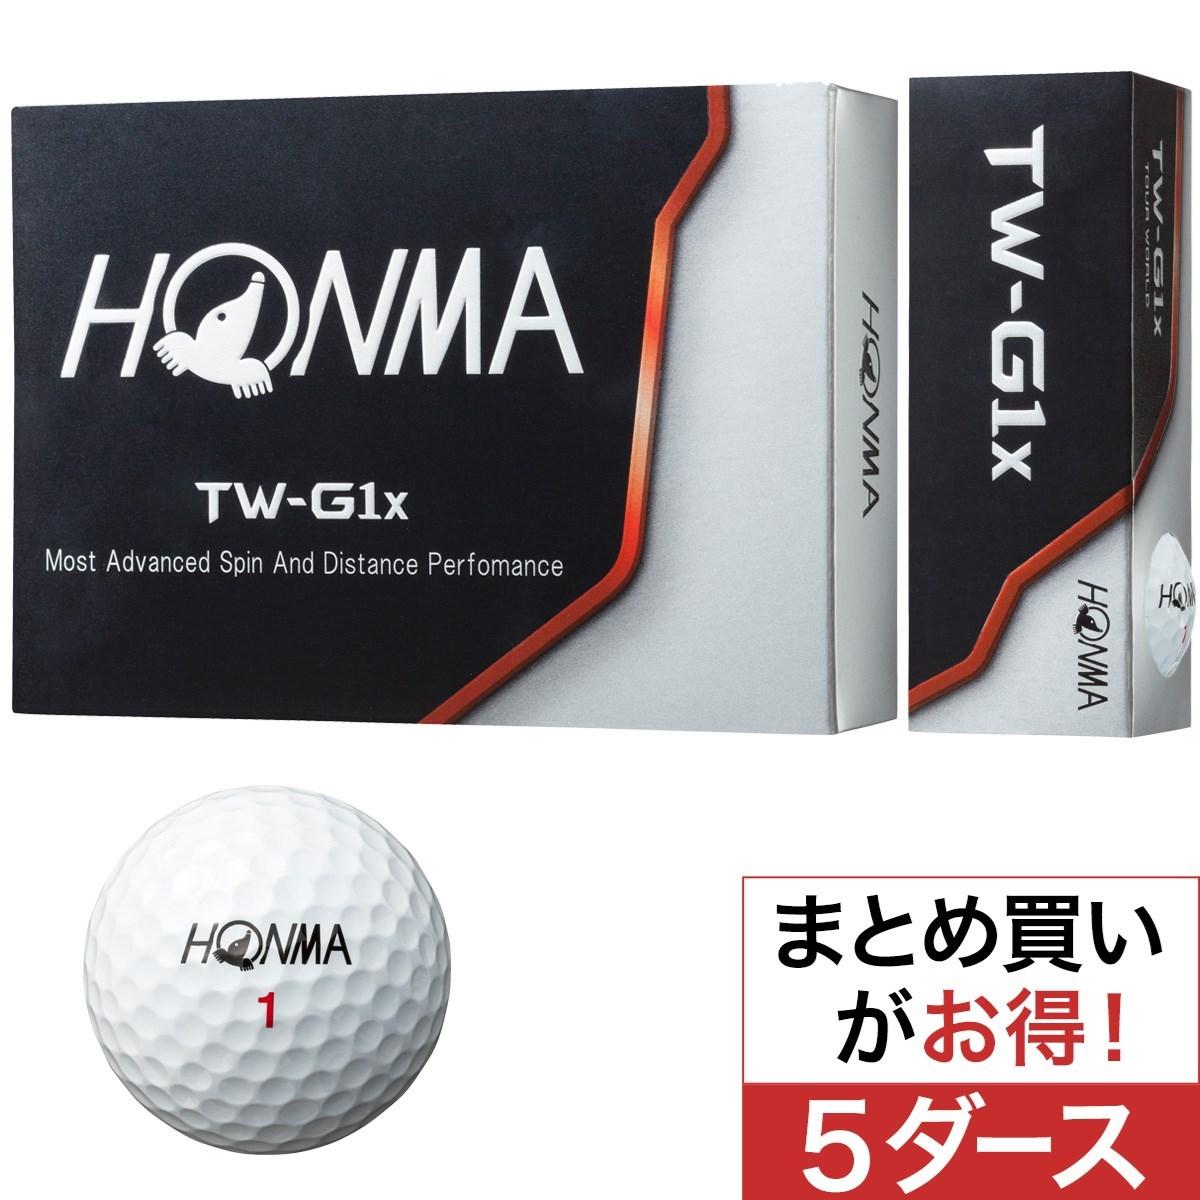 本間ゴルフ(HONMA GOLF) TW-G1x ボール 5ダースセット